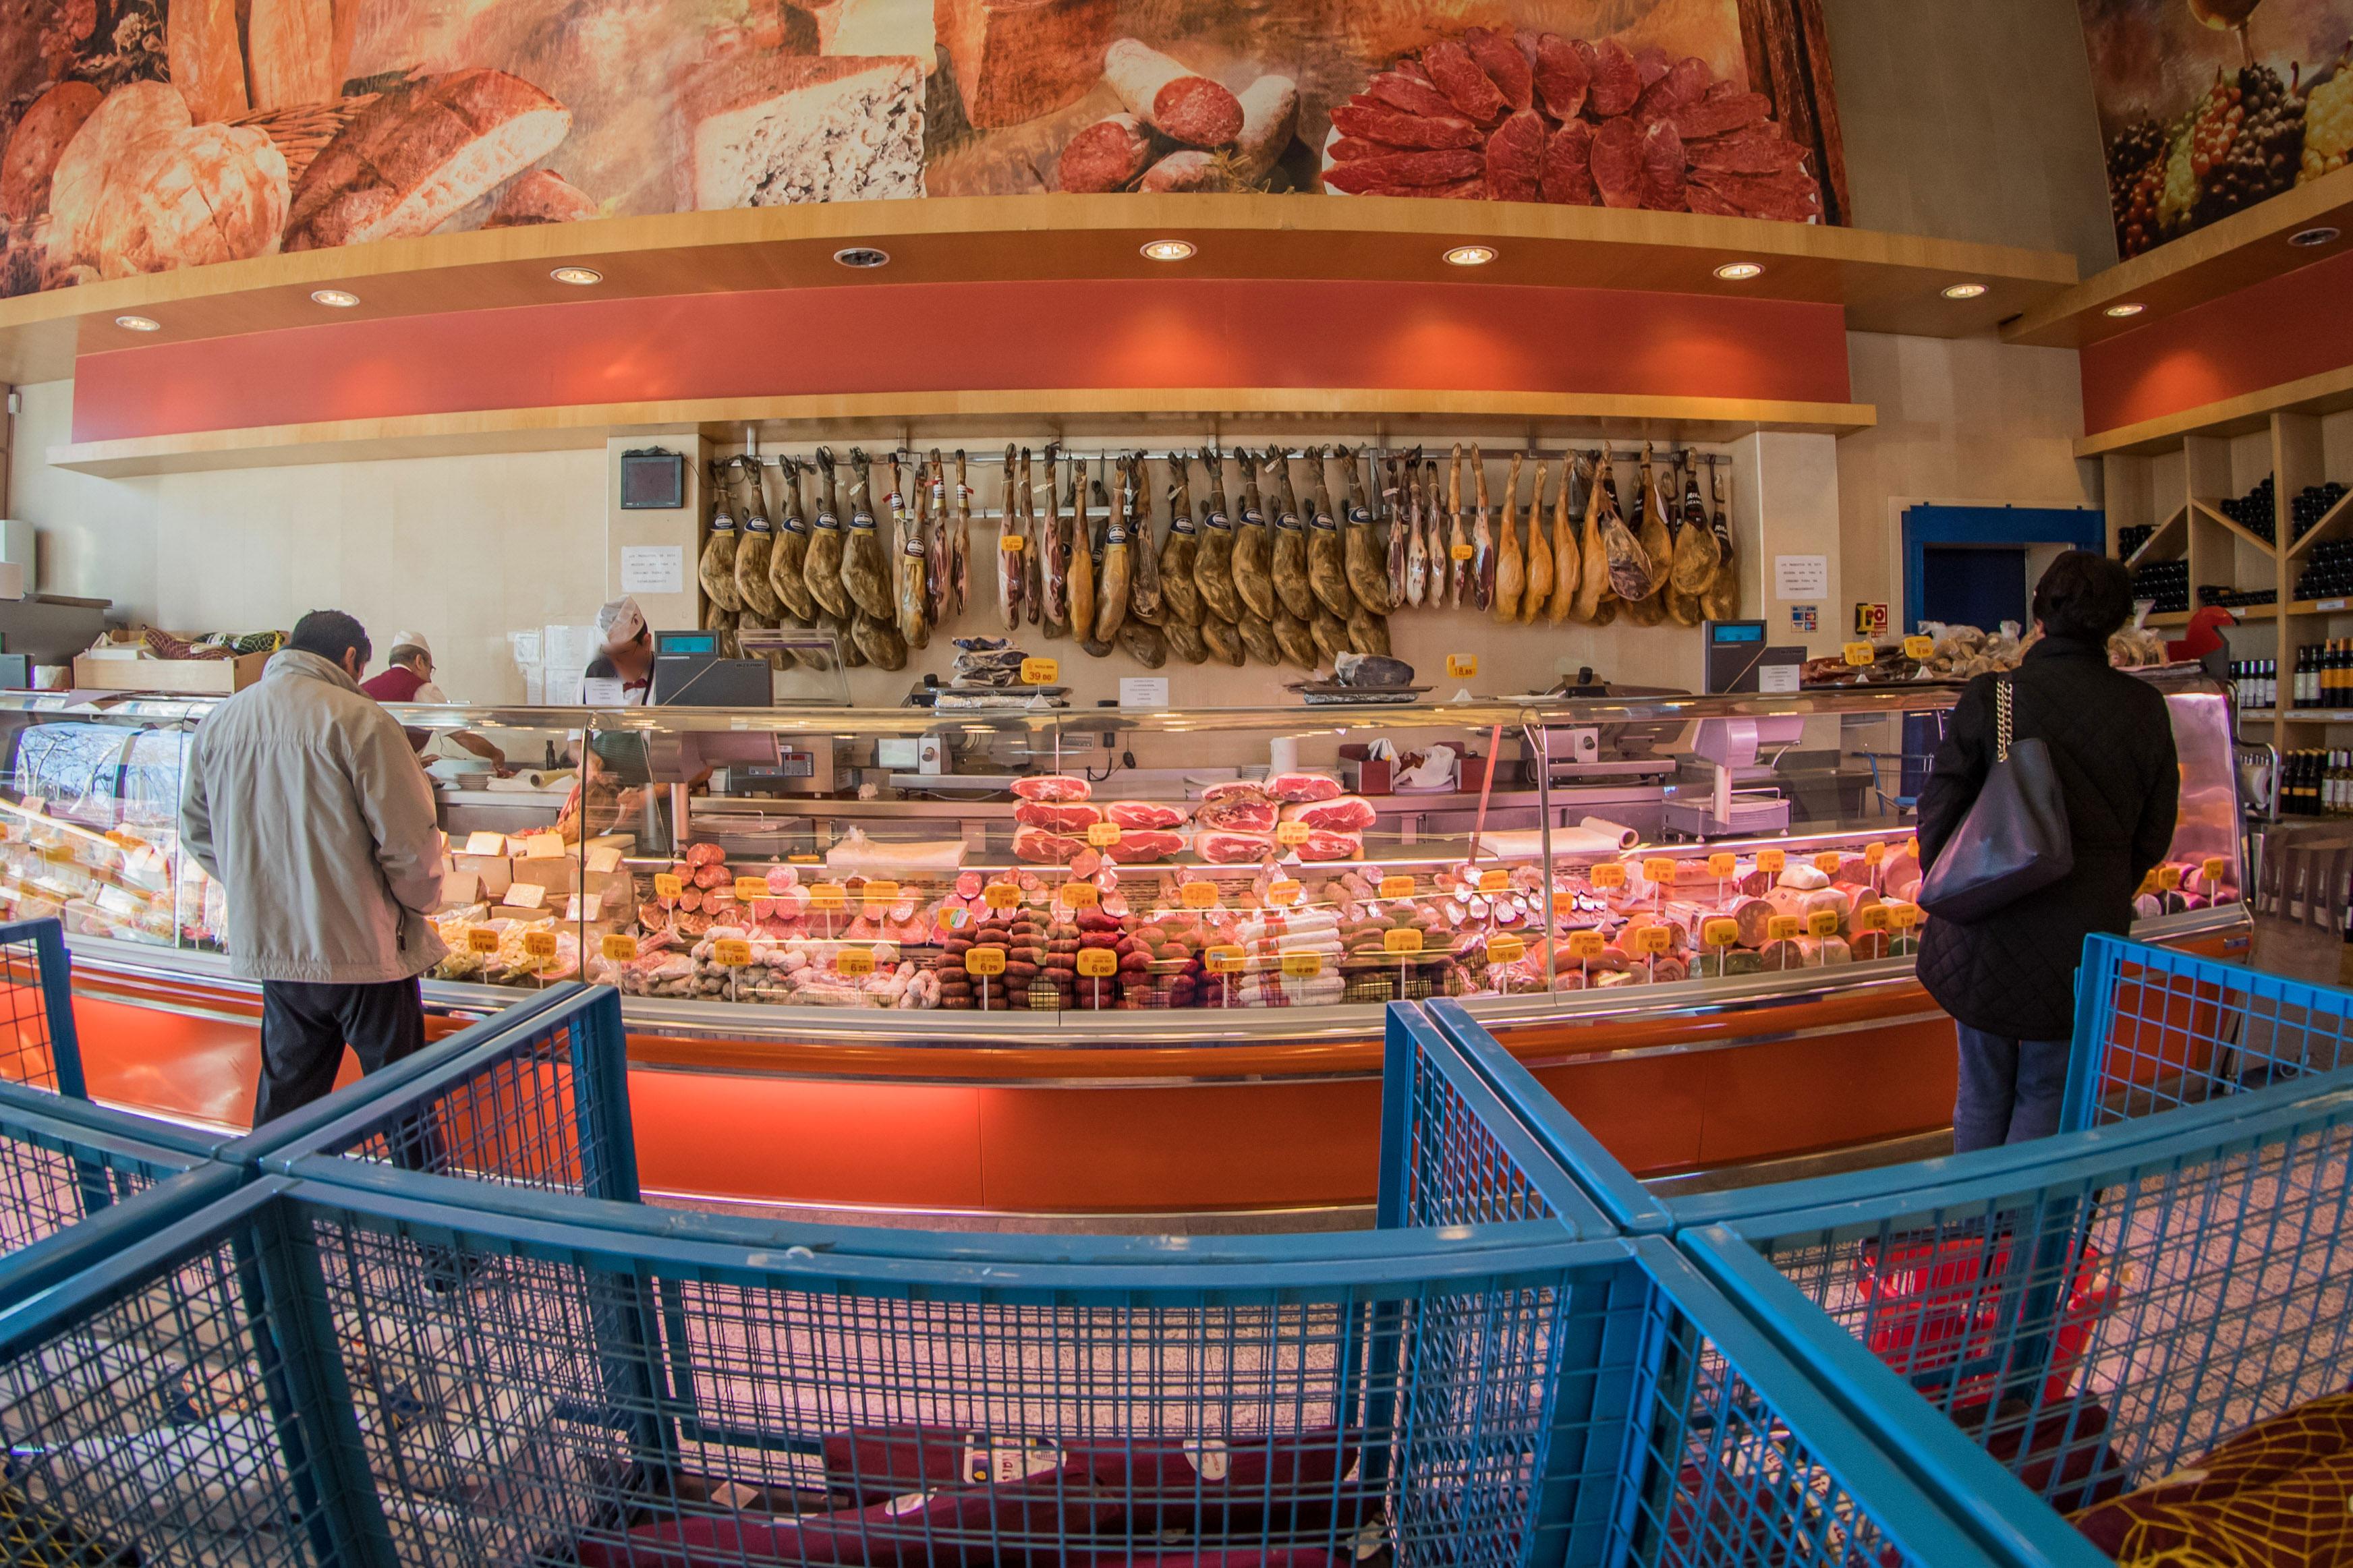 Supermercado Museo del Jamón Parque Oeste Alcorcón. Jamones, Embutidos, Quesos, Aceite de Oliva, Vinos al mejor precio de Alcorcón